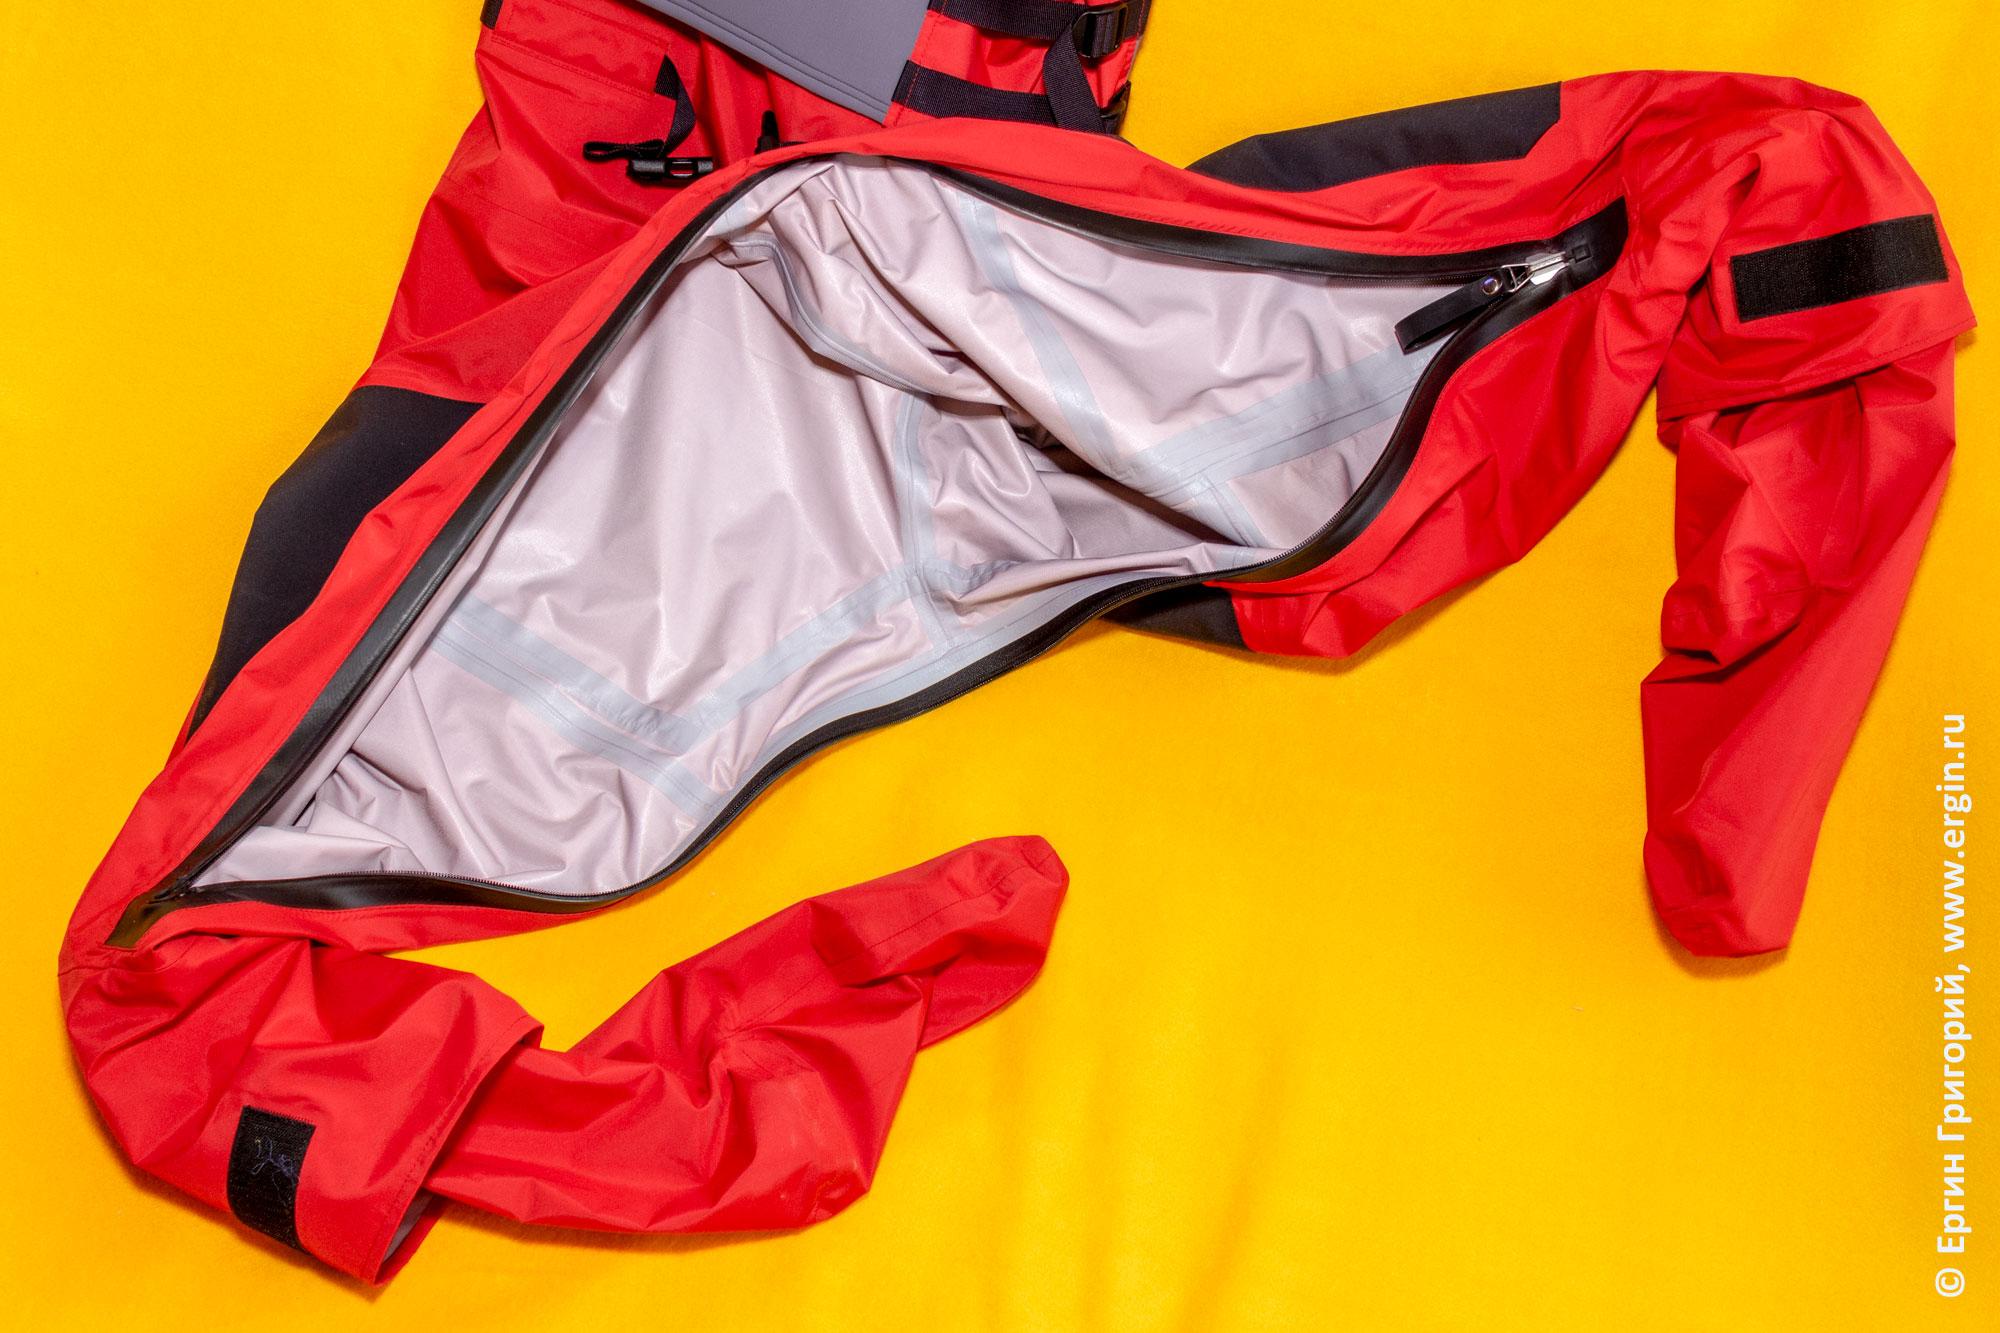 Альтернативный вариант входа в сухой костюм для каякинга через низ